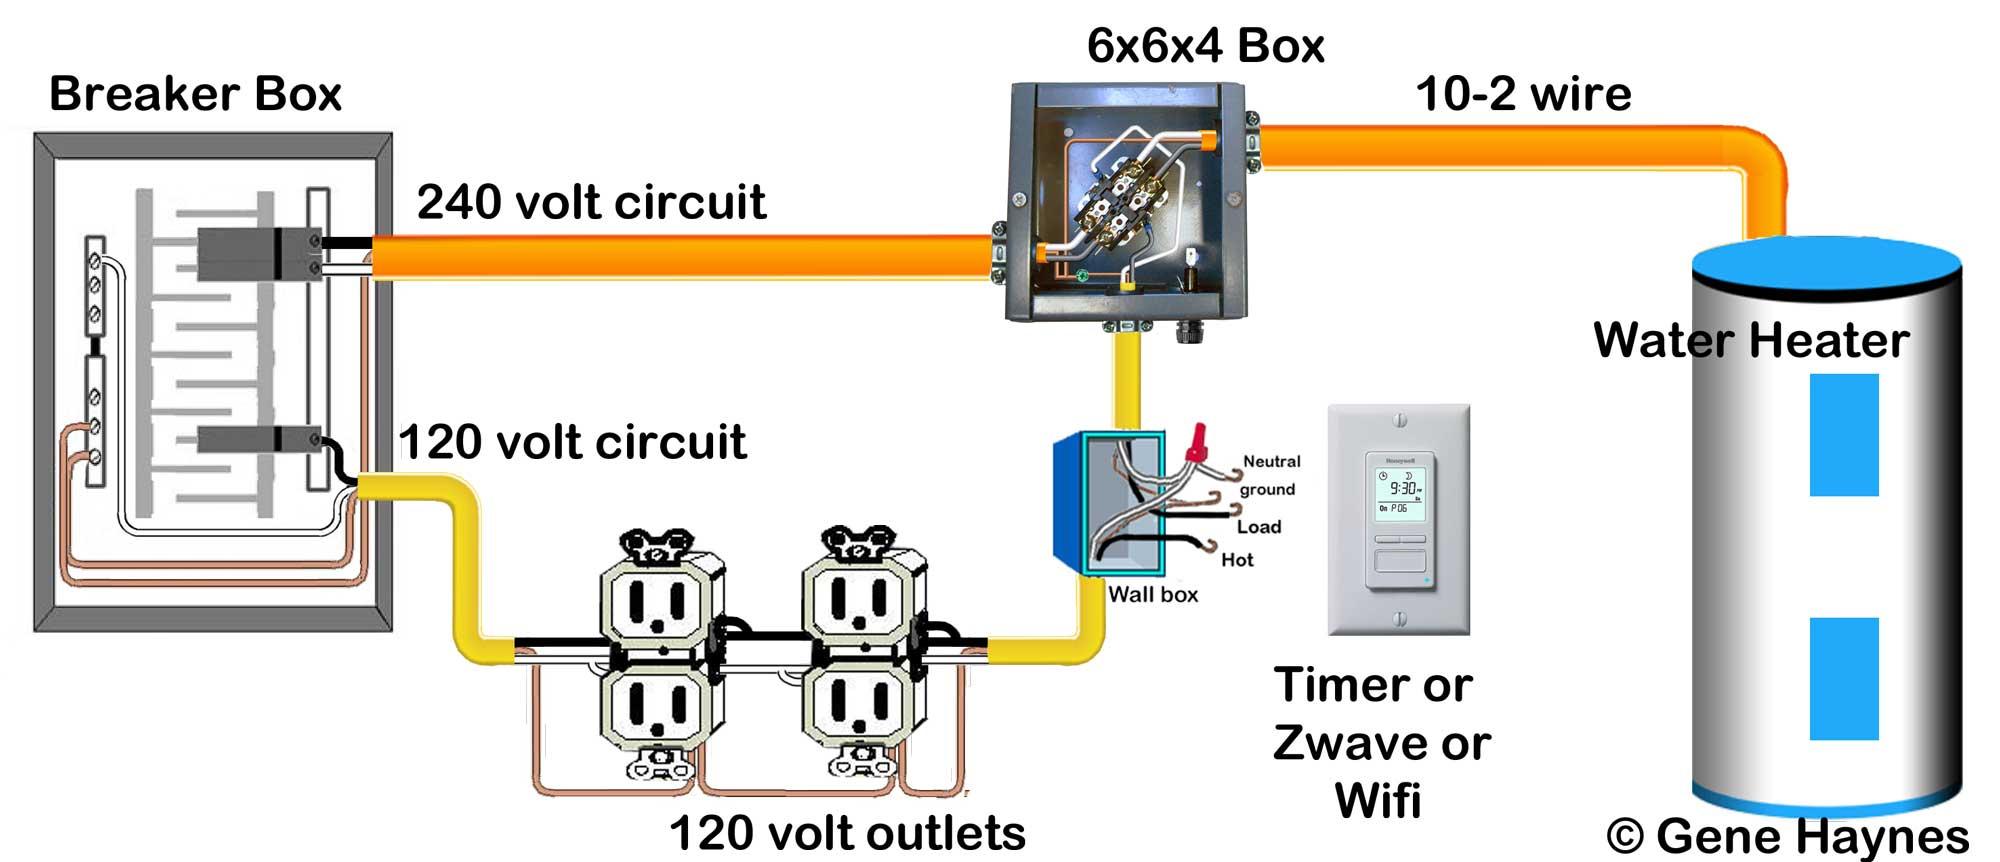 Basic House Wiring - Wiring Diagrams Hubs - House Wiring Diagram Pdf